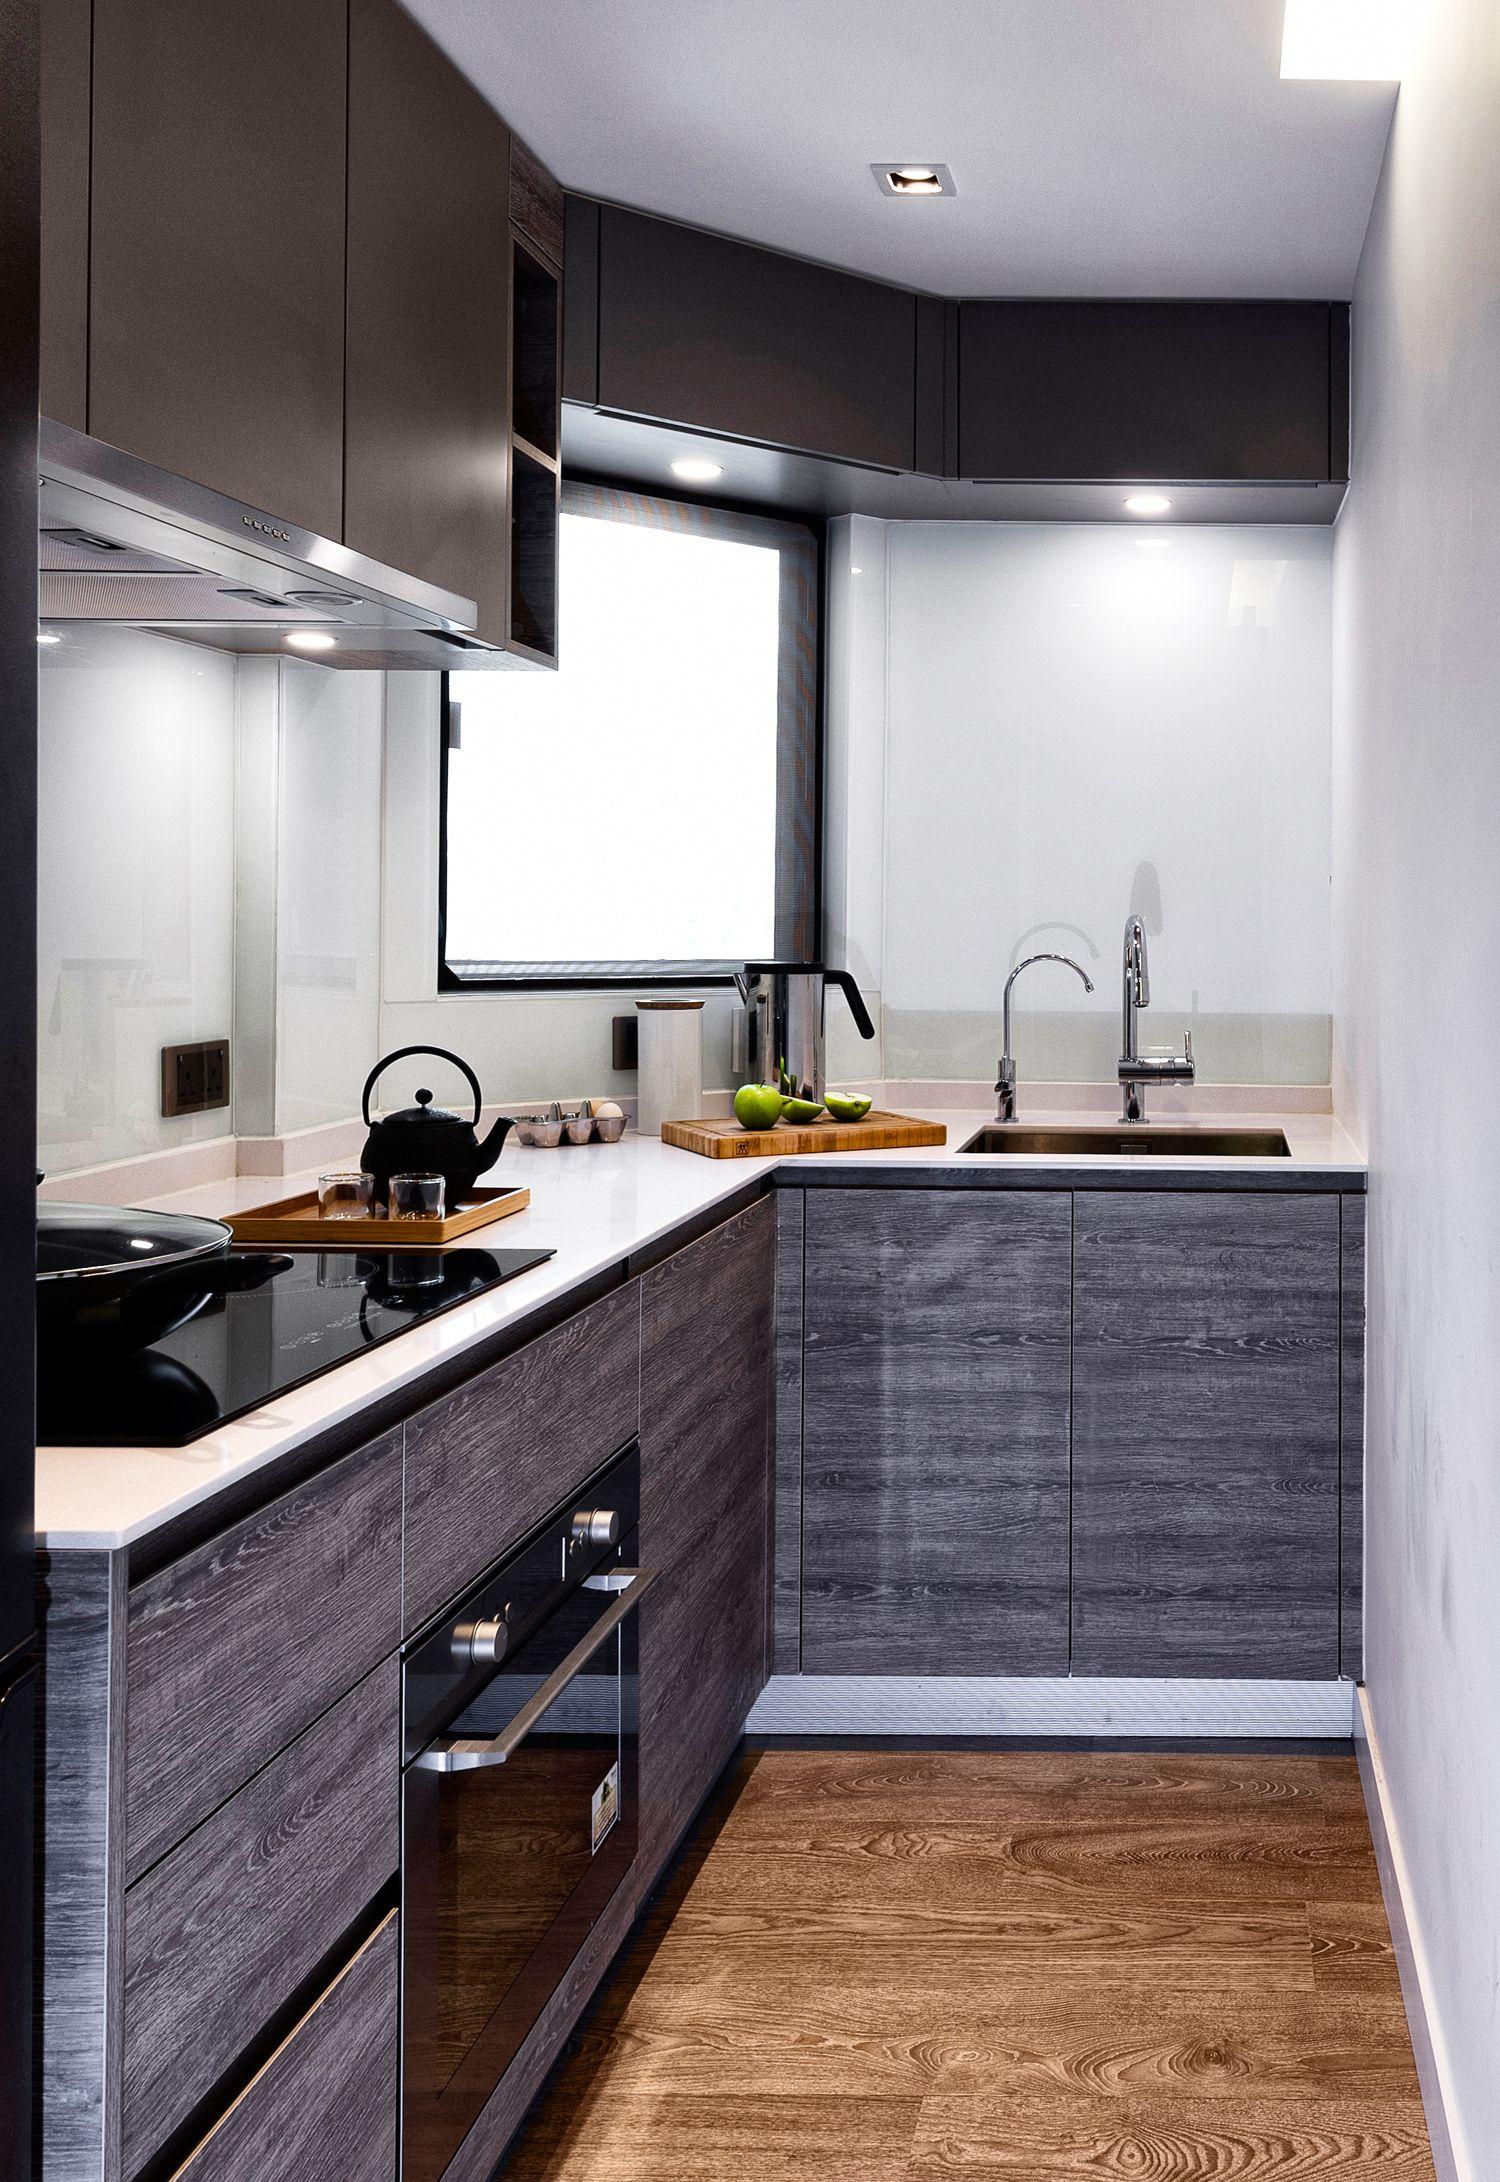 hong kong small kitchen design Google Search Small